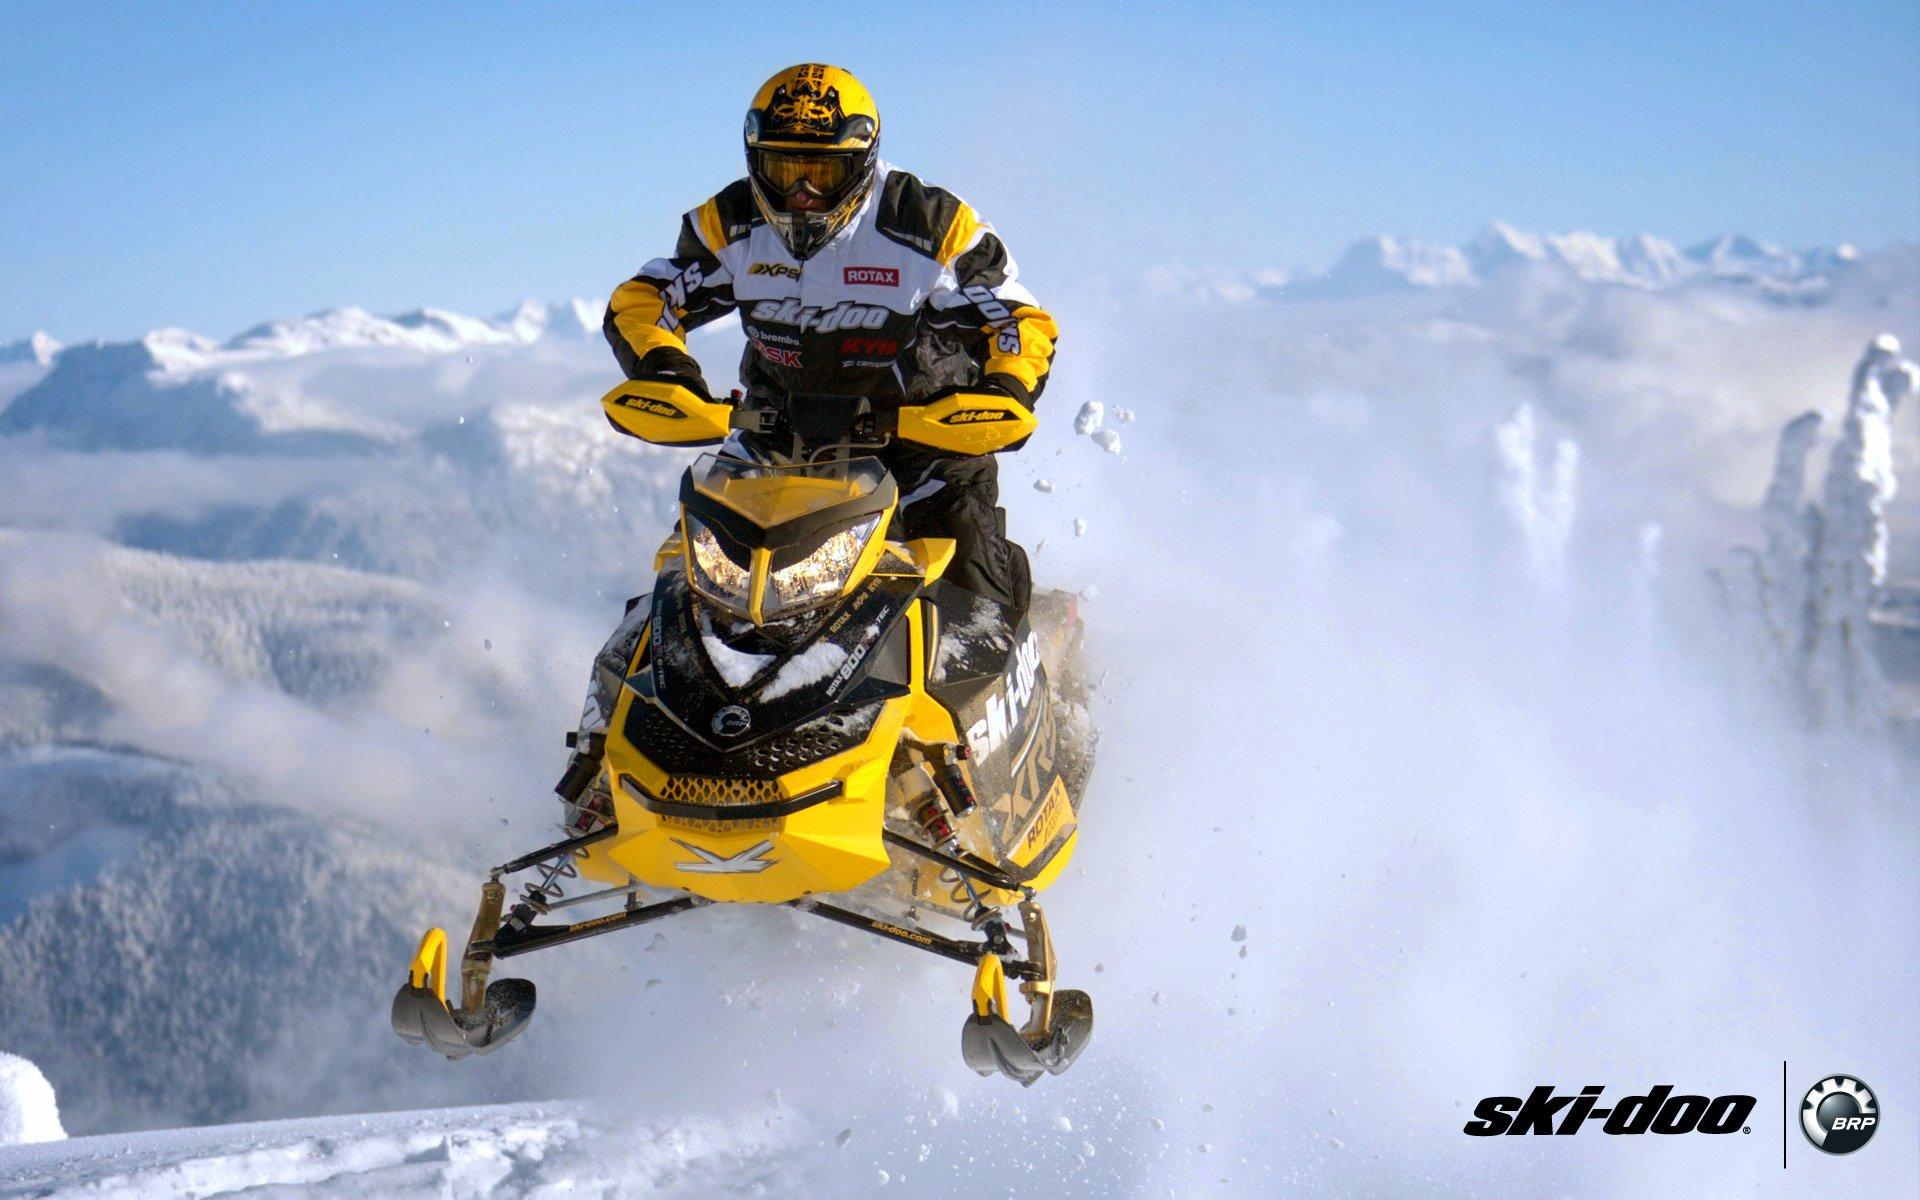 887583 ski doo wallpaperjpg 1920x1200